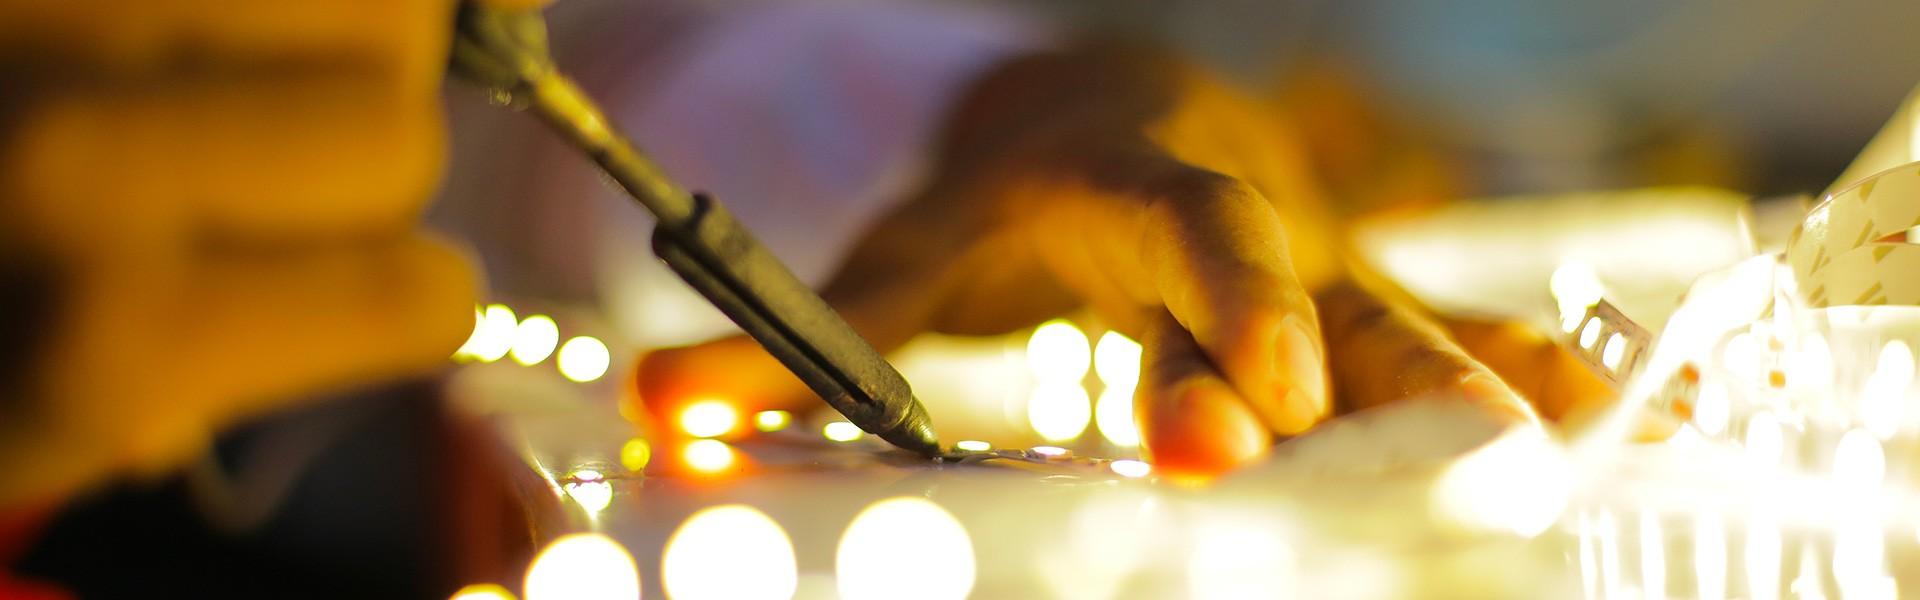 Servizio di rigenerazione LED